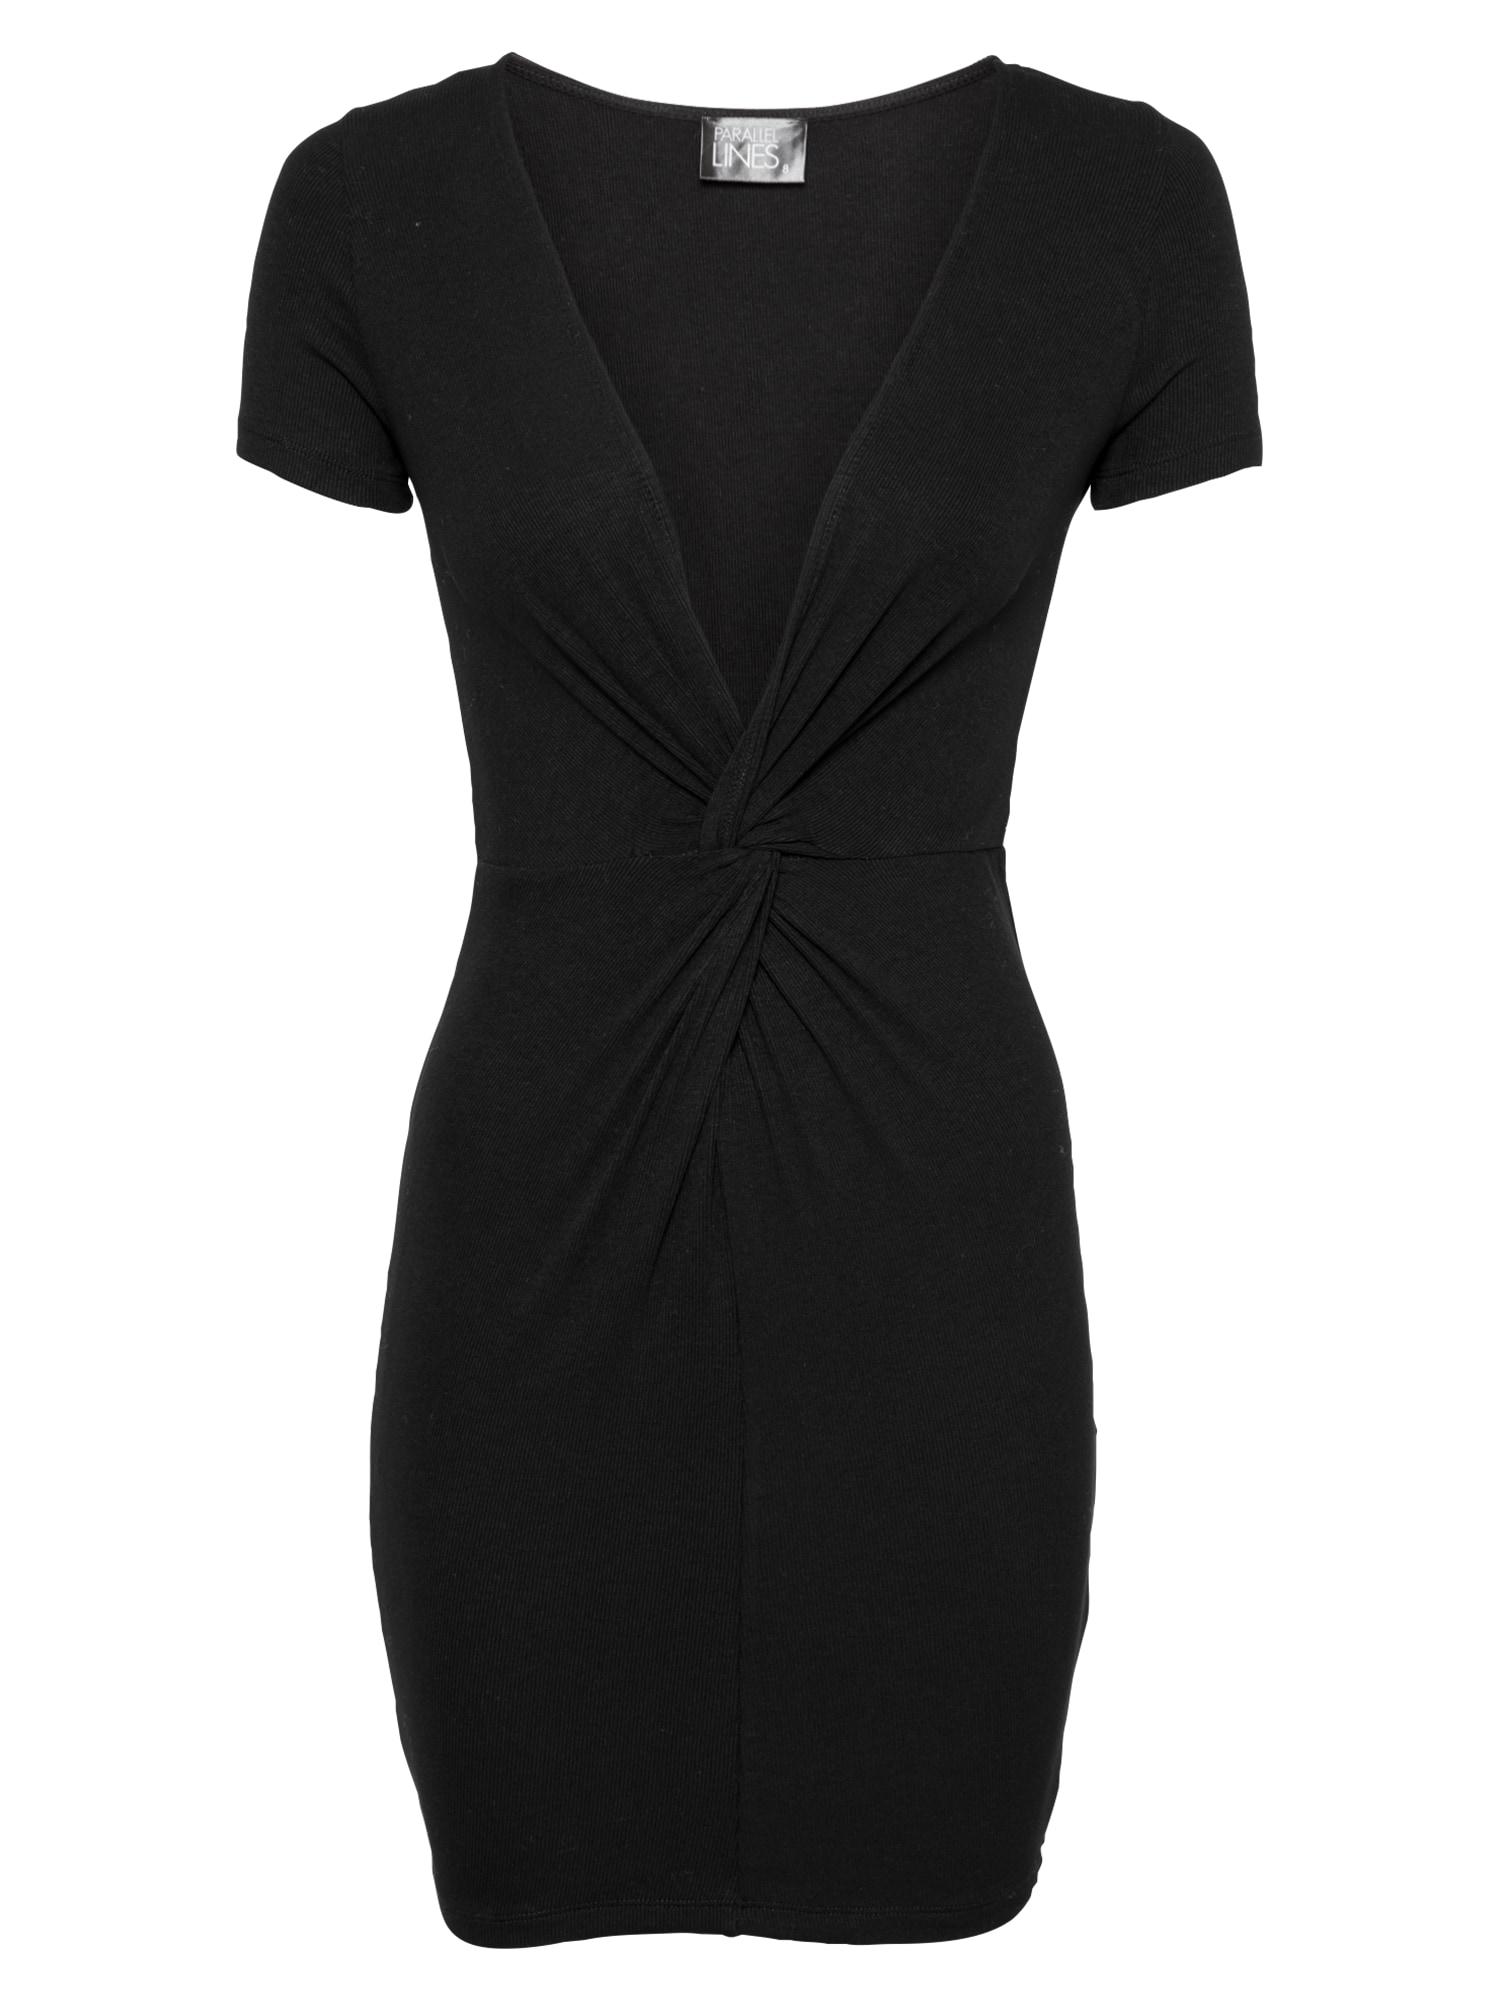 Parallel Lines Suknelė juoda